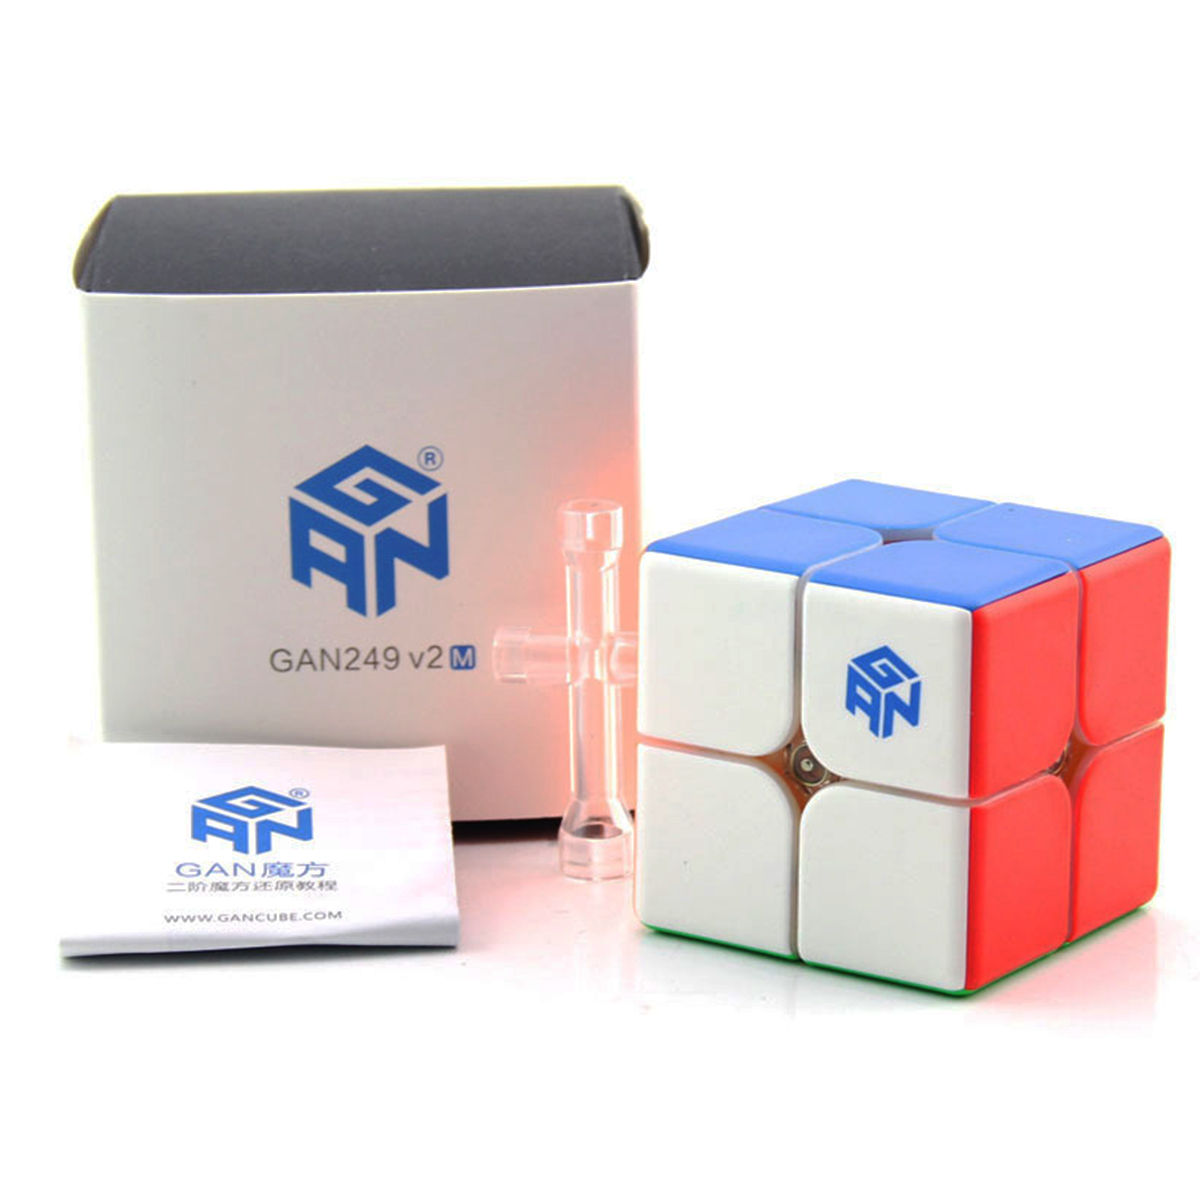 Originele Gan 249 V2 M 249 M Magnetische Cube Black Magic Cube Puzzel 2x2x2 Concurrentie Speelgoed Cubo 2x2 Speed Cube Door Magneten Games